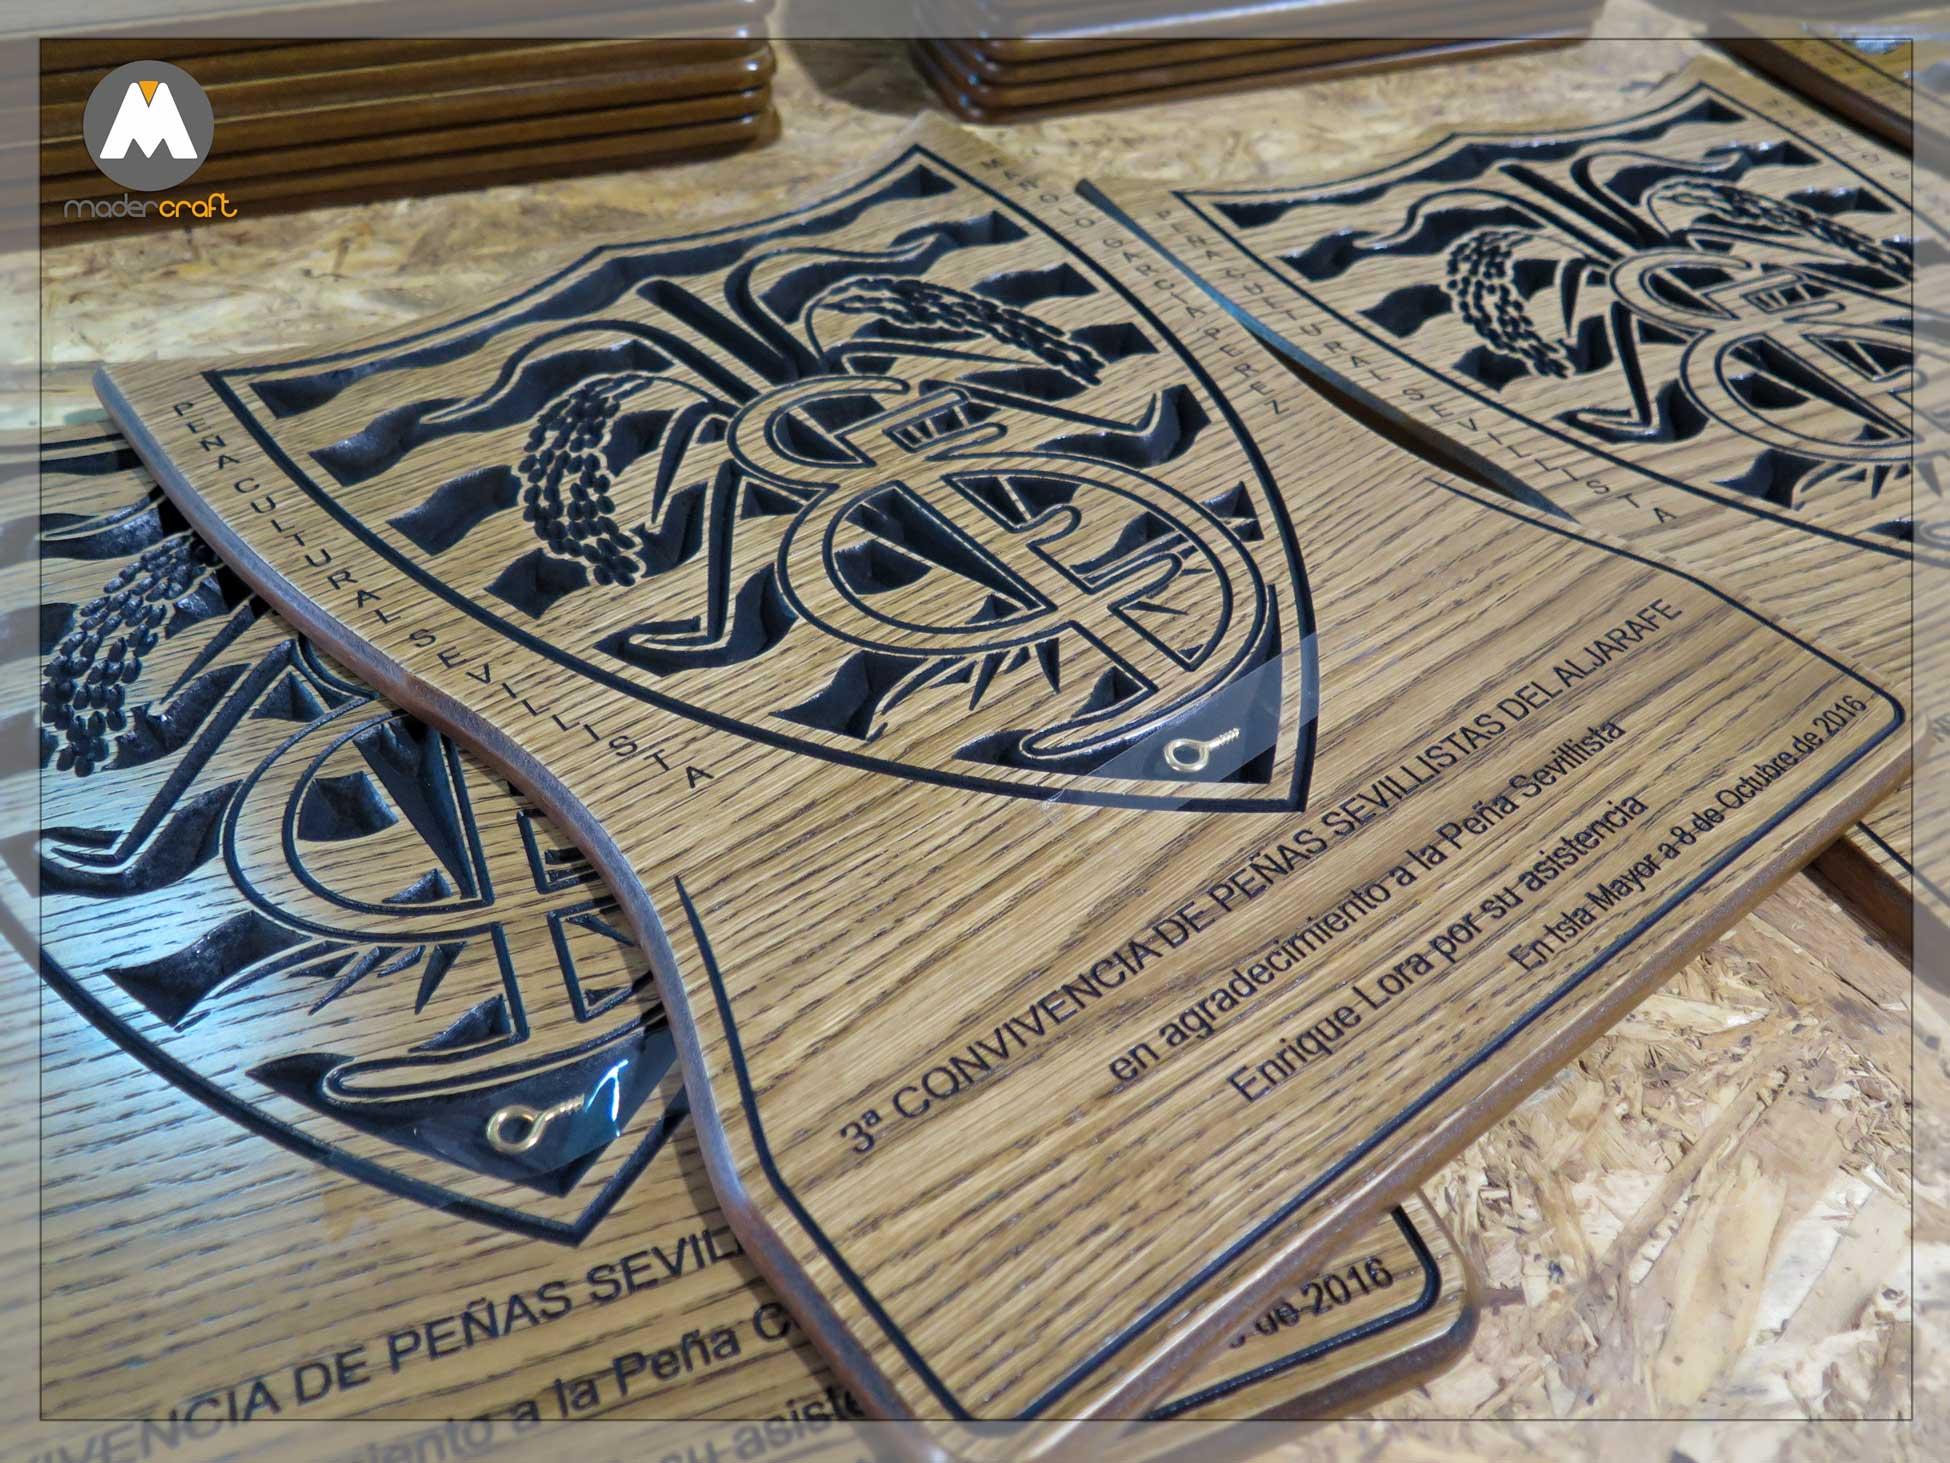 Placa Madera Deportiva Sevillista Manolo García Pérez, Isla Mayor. Convivencia aljarafe. Agradecimiento Homenaje Fútbol Balompié. Madera DM rechapada roble. placa para colgar.